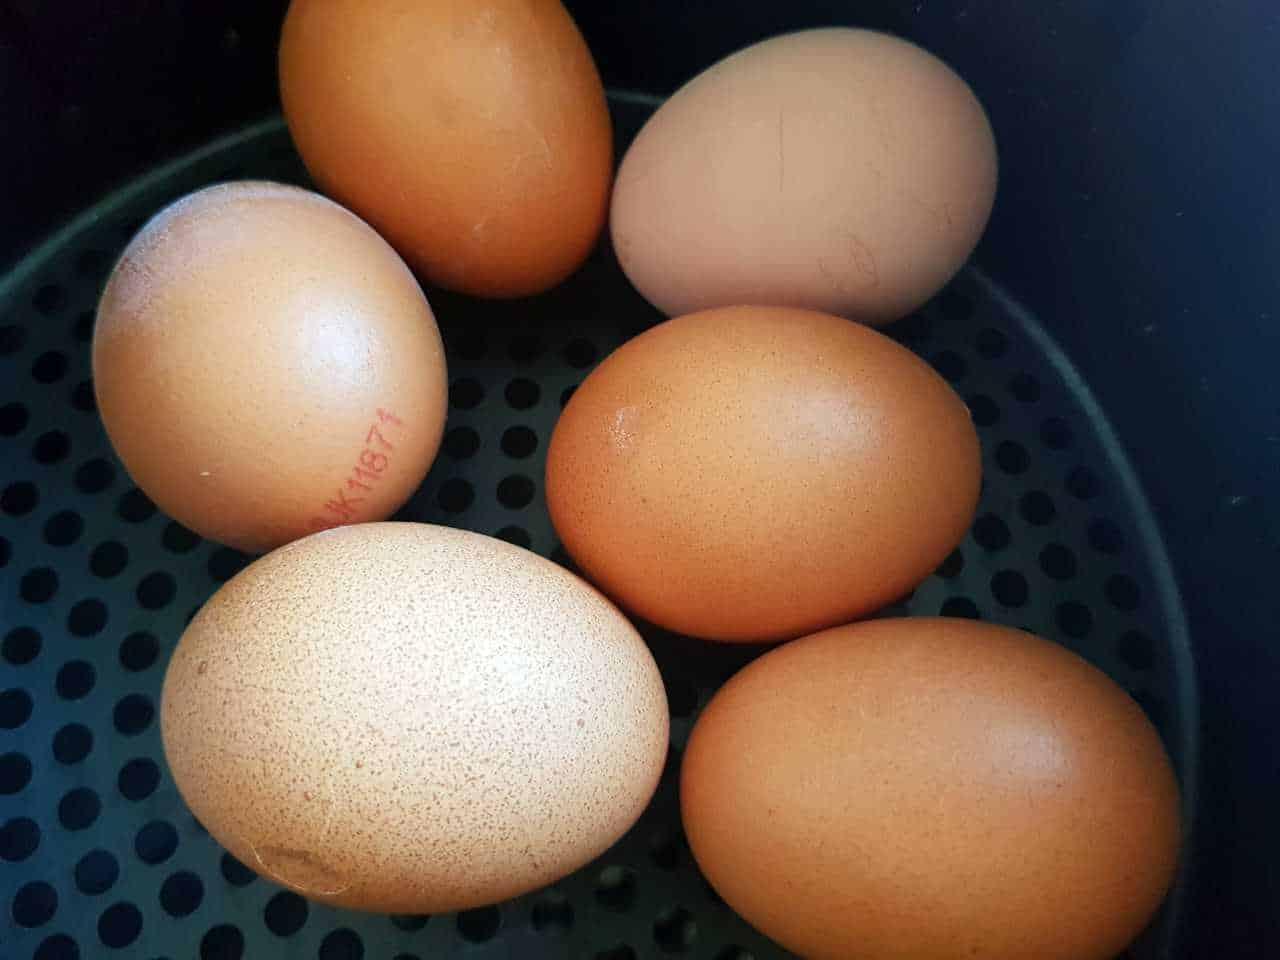 Eggs in an air fryer.